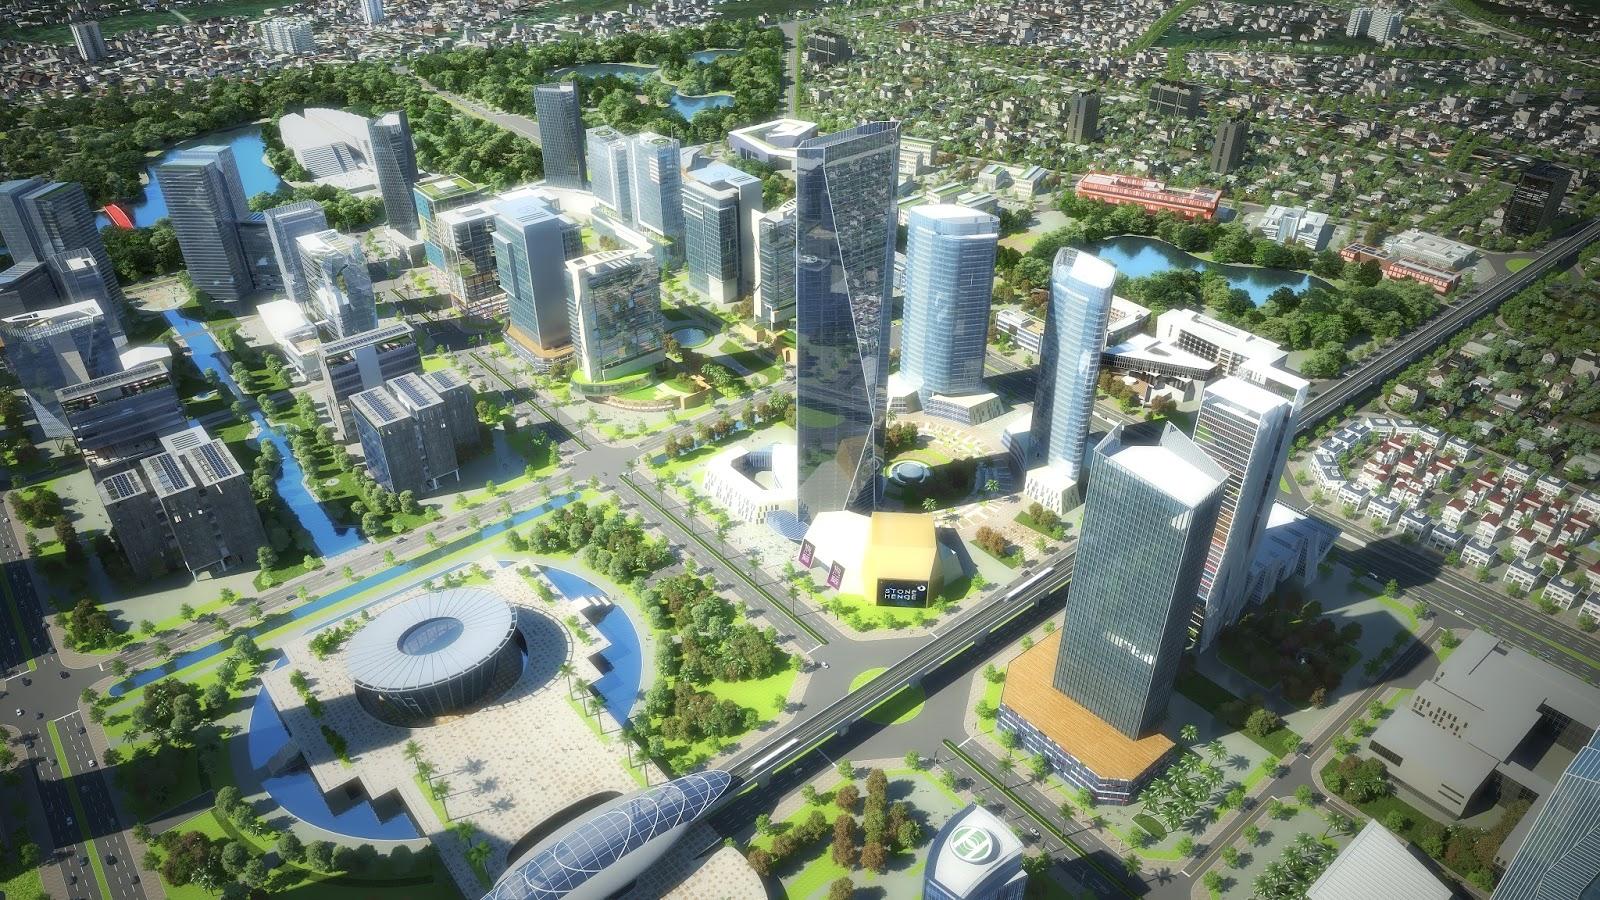 Mười năm phát triển các khu đô thị mới tại thủ đô Hà Nội (2000-2010)